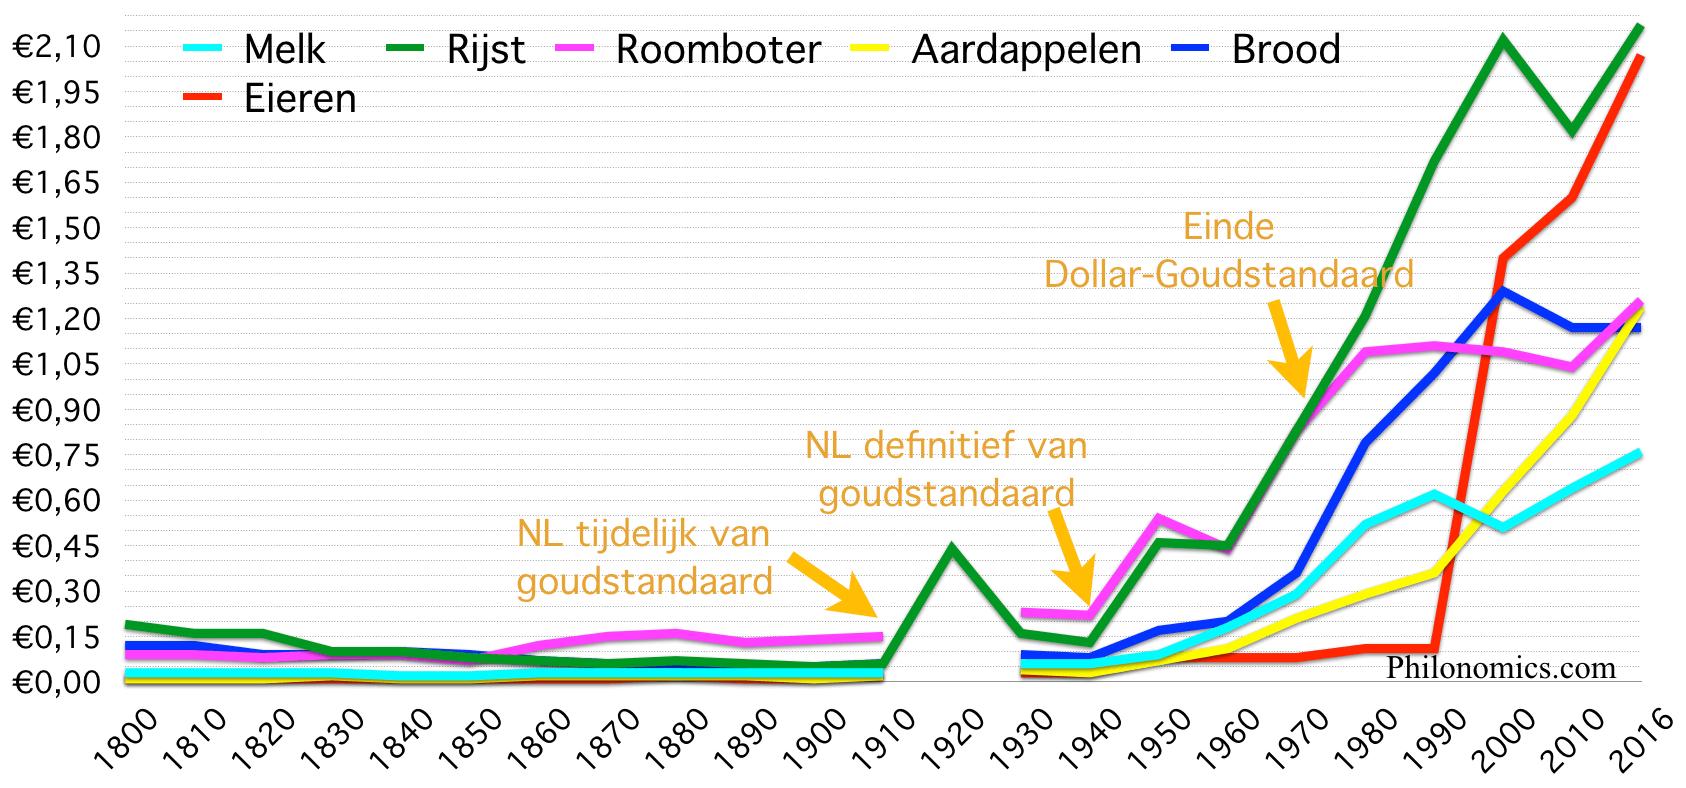 [18] Gemiddelde voedingsmiddelen prijzen Nederland 1800-2016